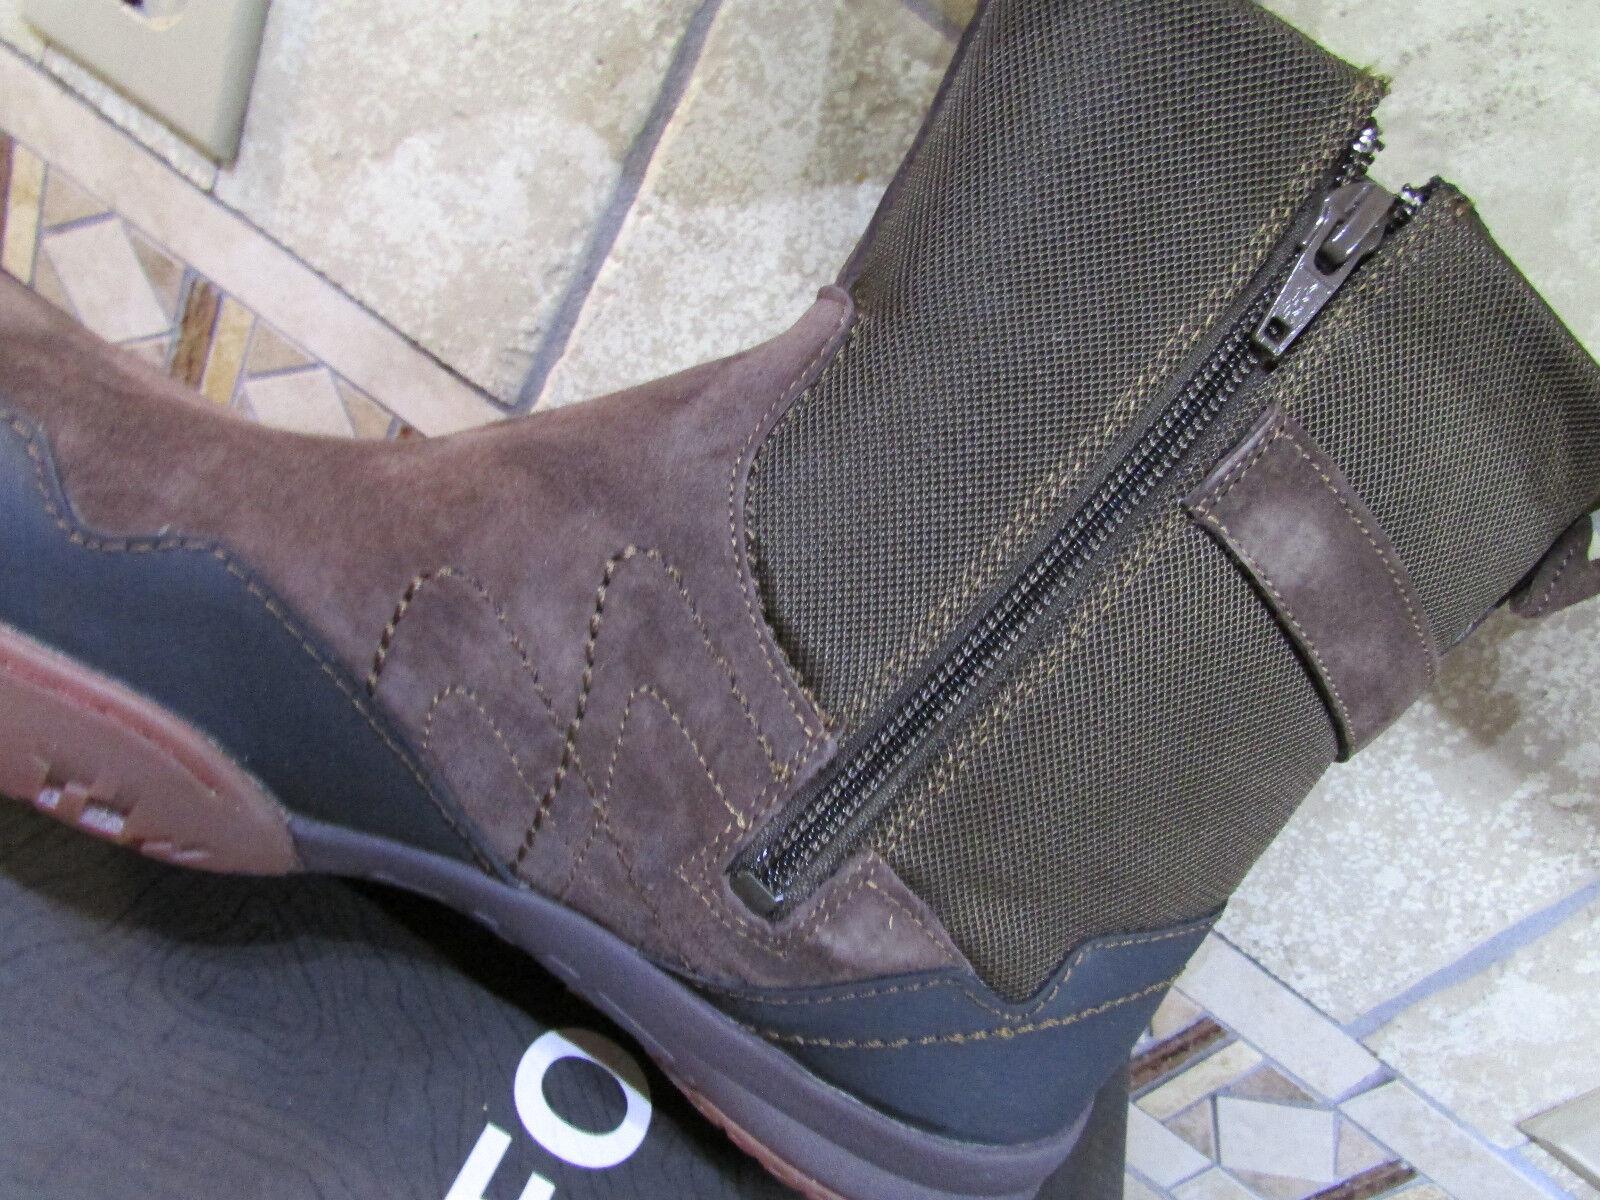 Nuevas botas de Mujer cuero impermeables Merrell Albany Cielo para Mujer de 10.5 Espresso Mid J42356 da76d7